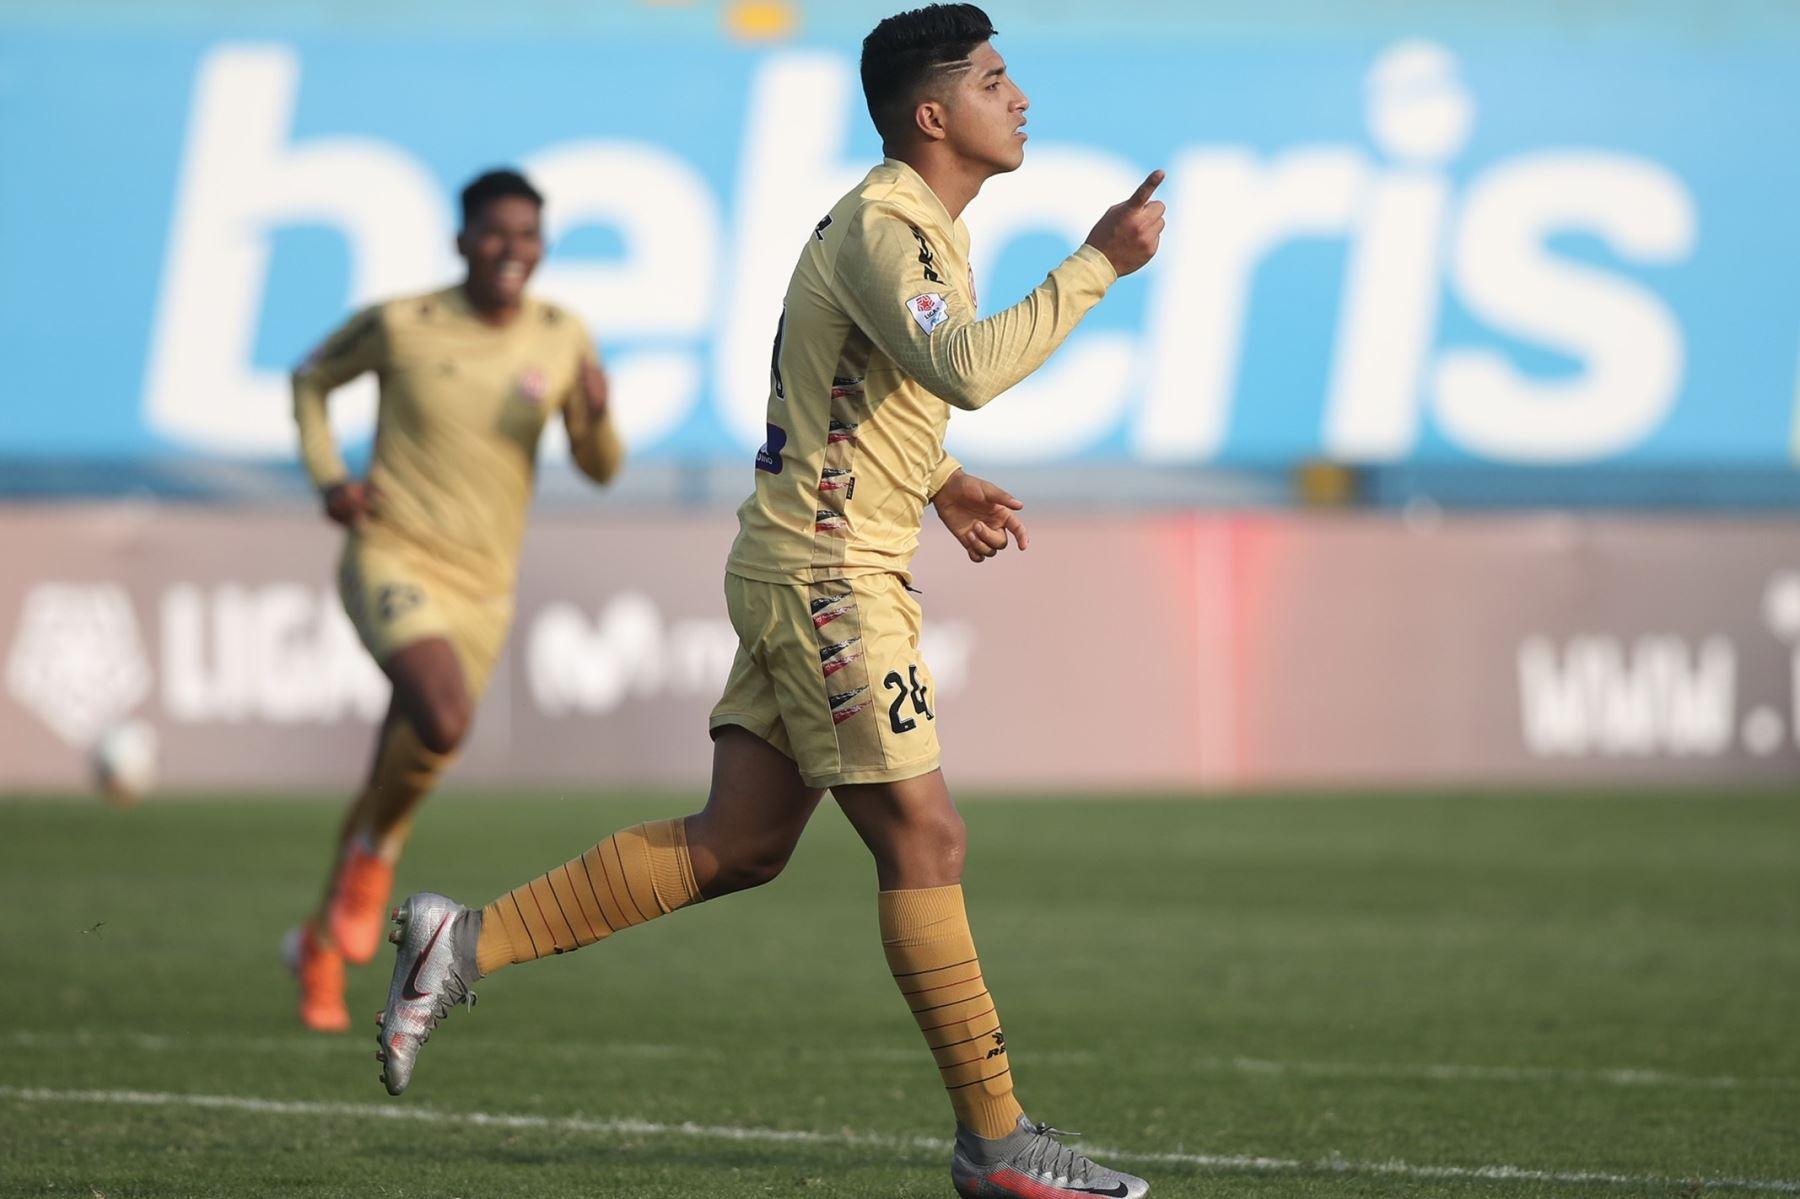 El futbolista L. Iberico del  Club UTC celebra su gol ante Sport Boys, por la jornada 10 de la Liga 1, en el estadio Alberto Gallardo.  Foto: LigaFutProf